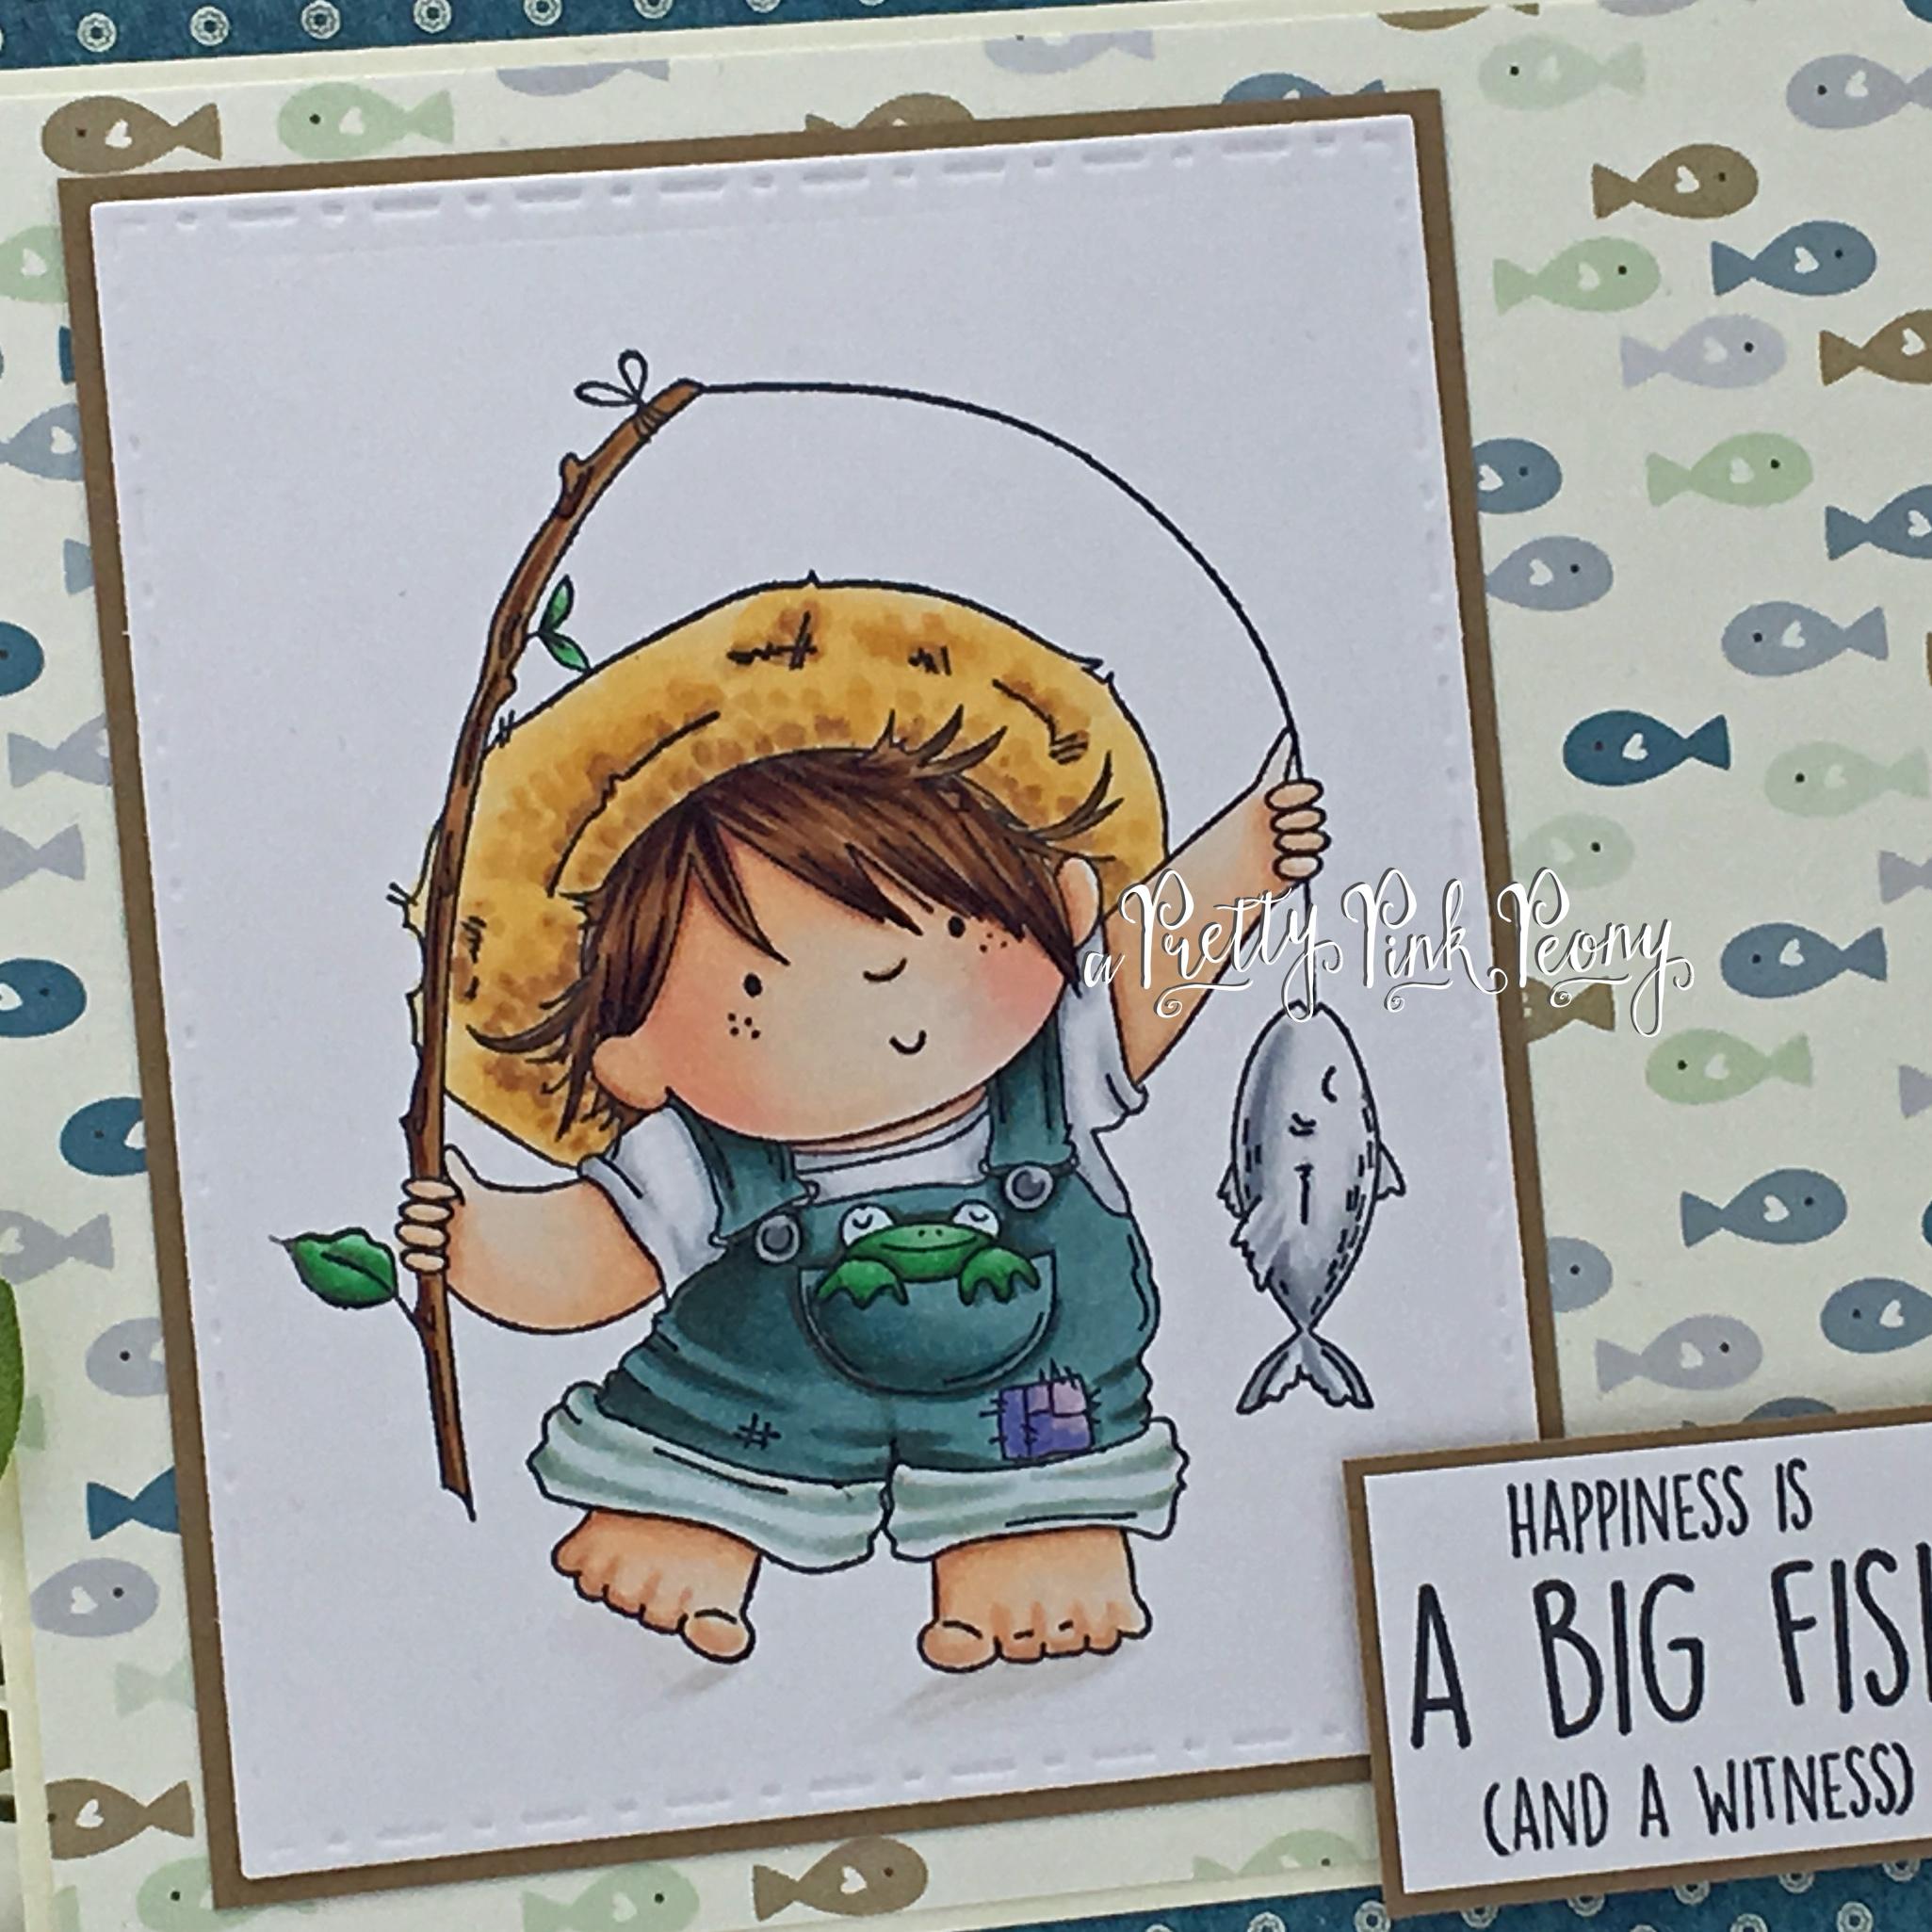 A Big Fish1